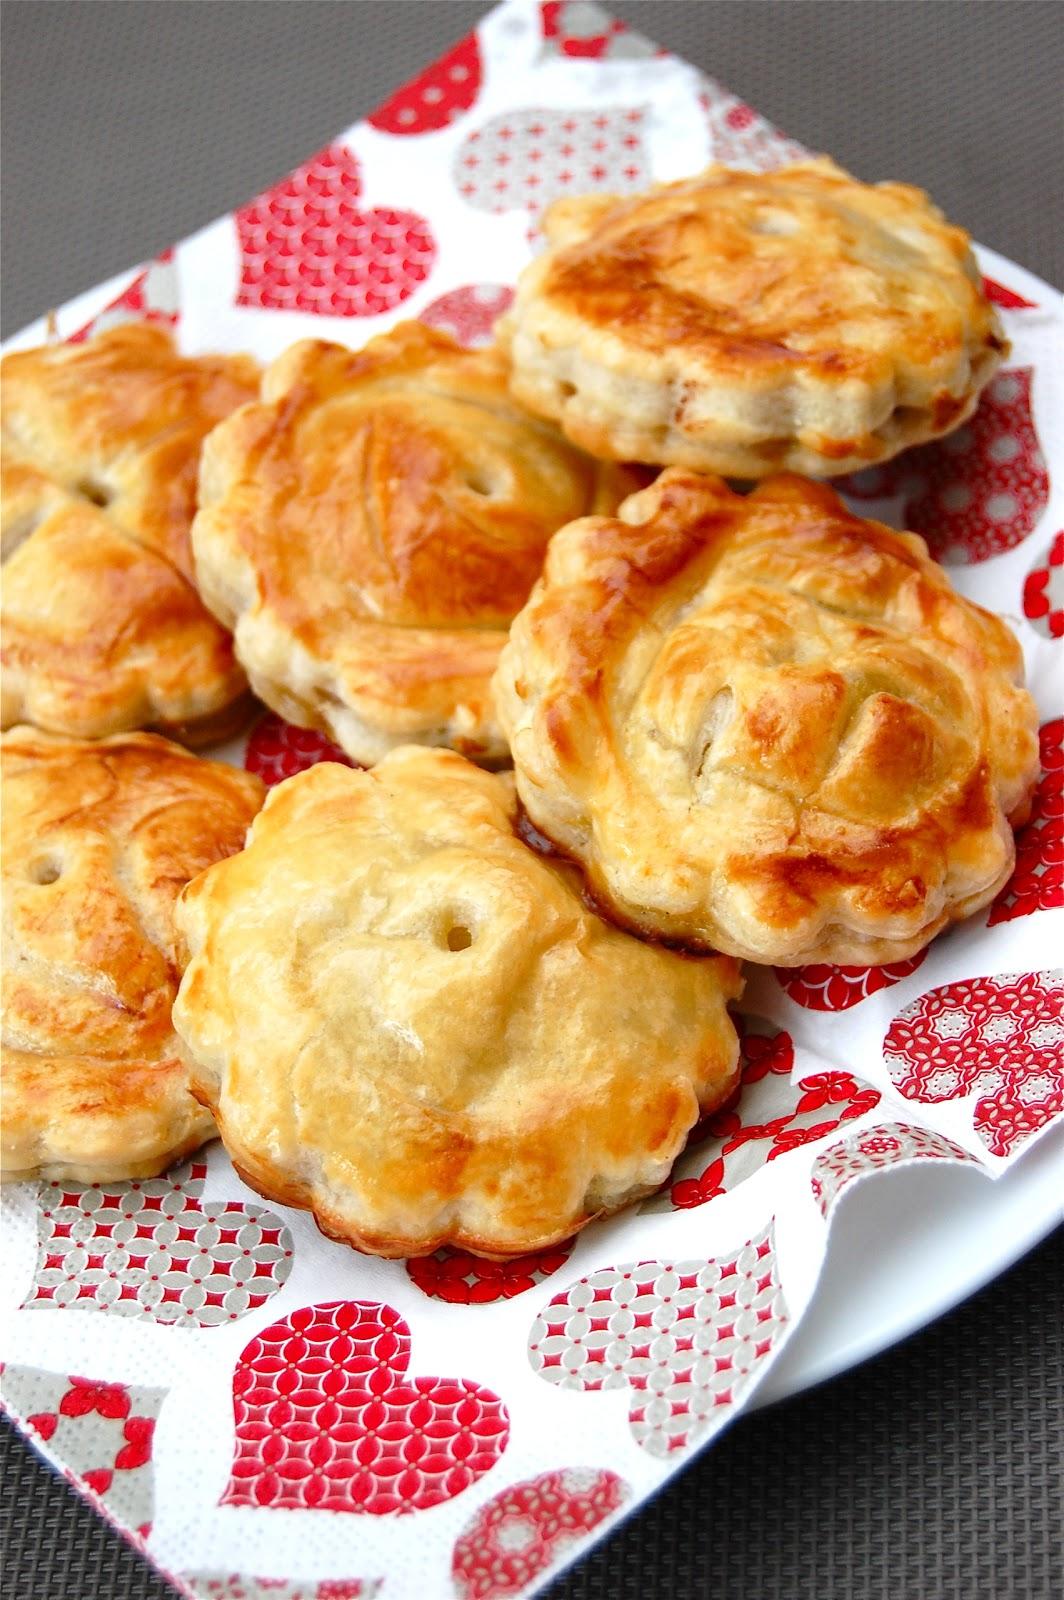 parts de plaisir mini chaussons au nutella et pommes caram 233 lis 233 es 224 l orange et 224 la vanille